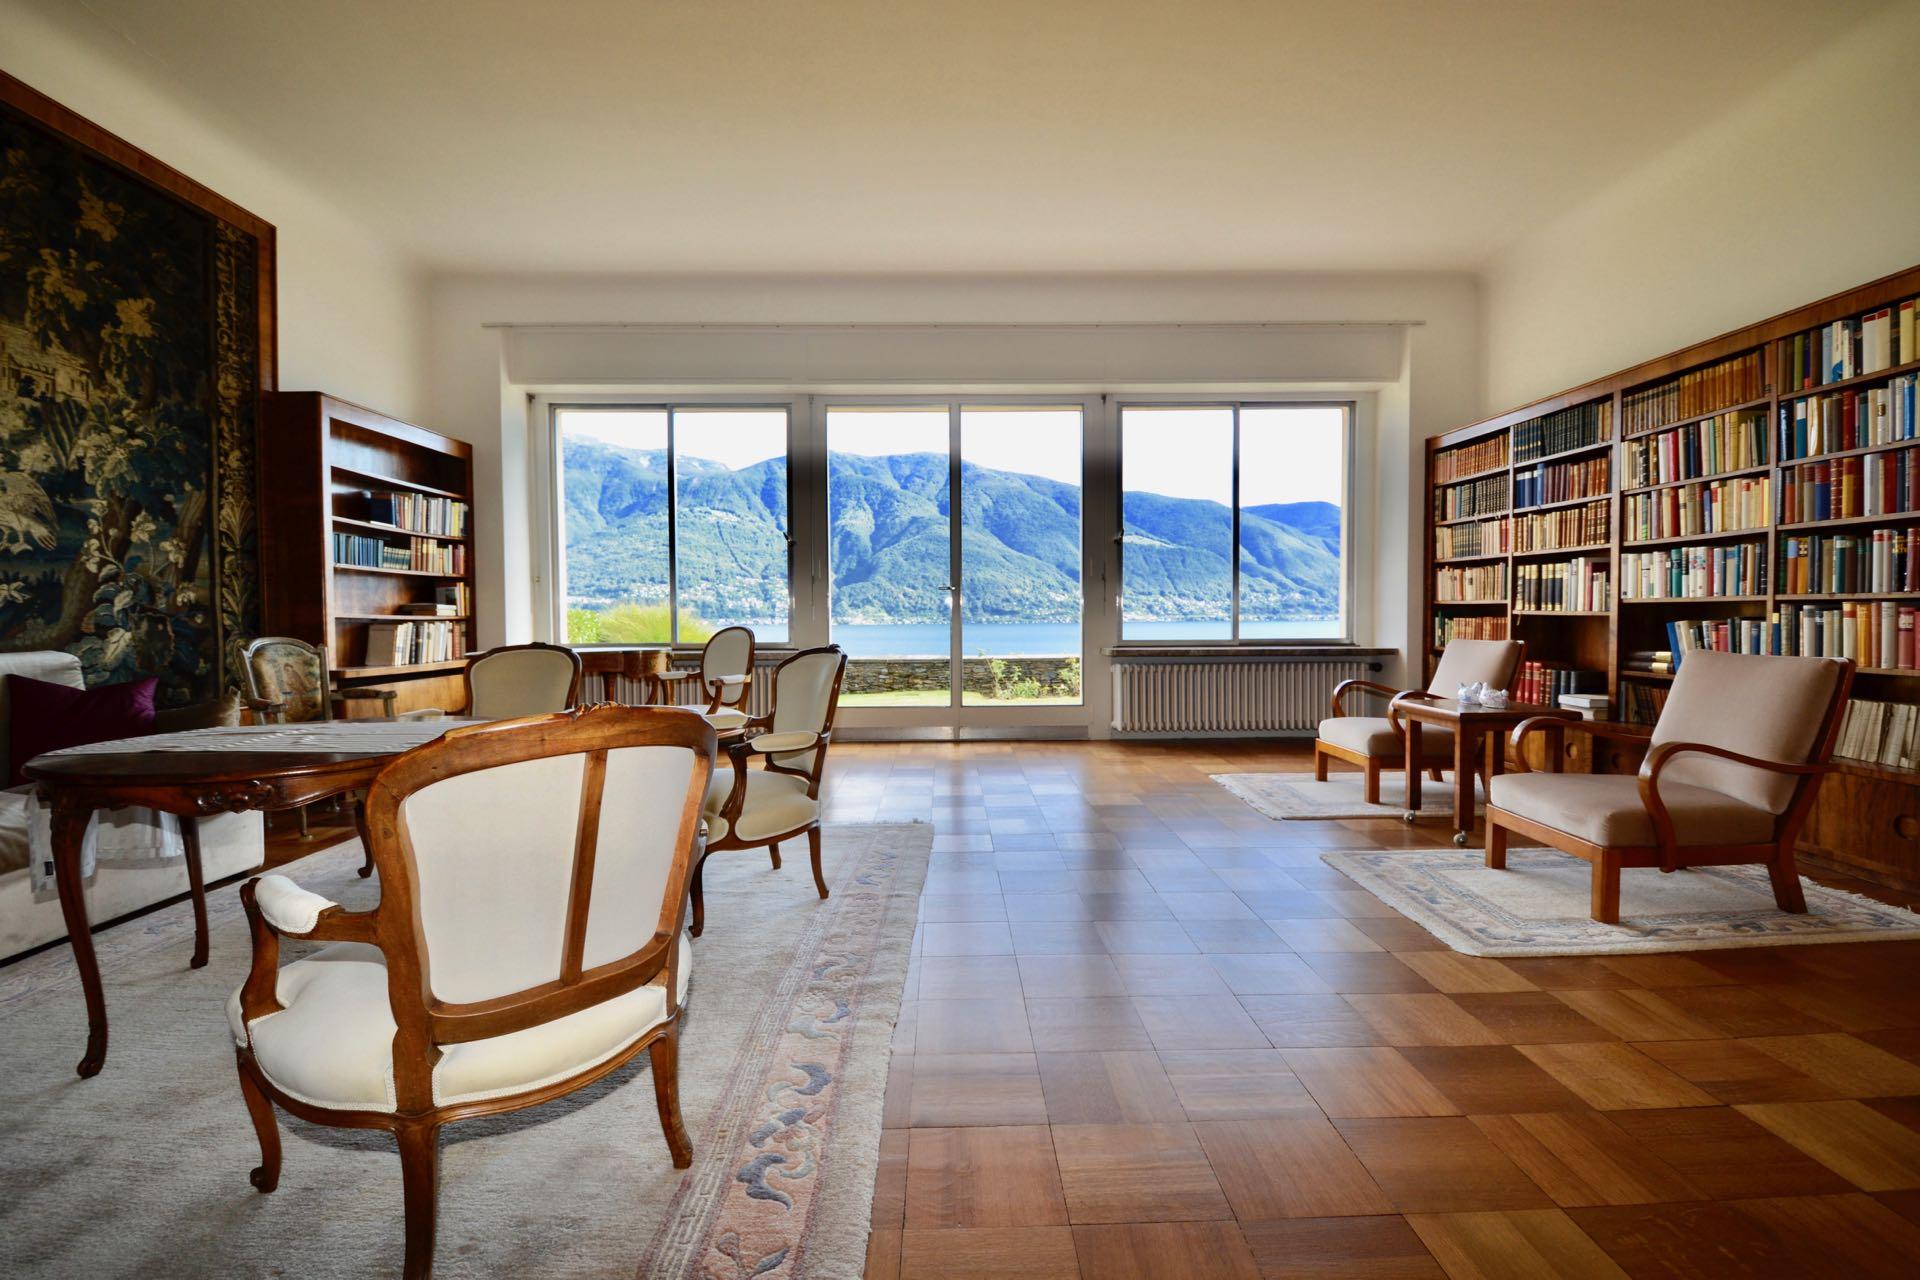 Liebevoll restauriertes grosses und helles Wohnzimmer mit Blick auf den Lago Maggiore, der Bauhaus-Villa in Ascona, Schweiz an absoluter Toplage in Ascona, Schweiz zu verkaufen